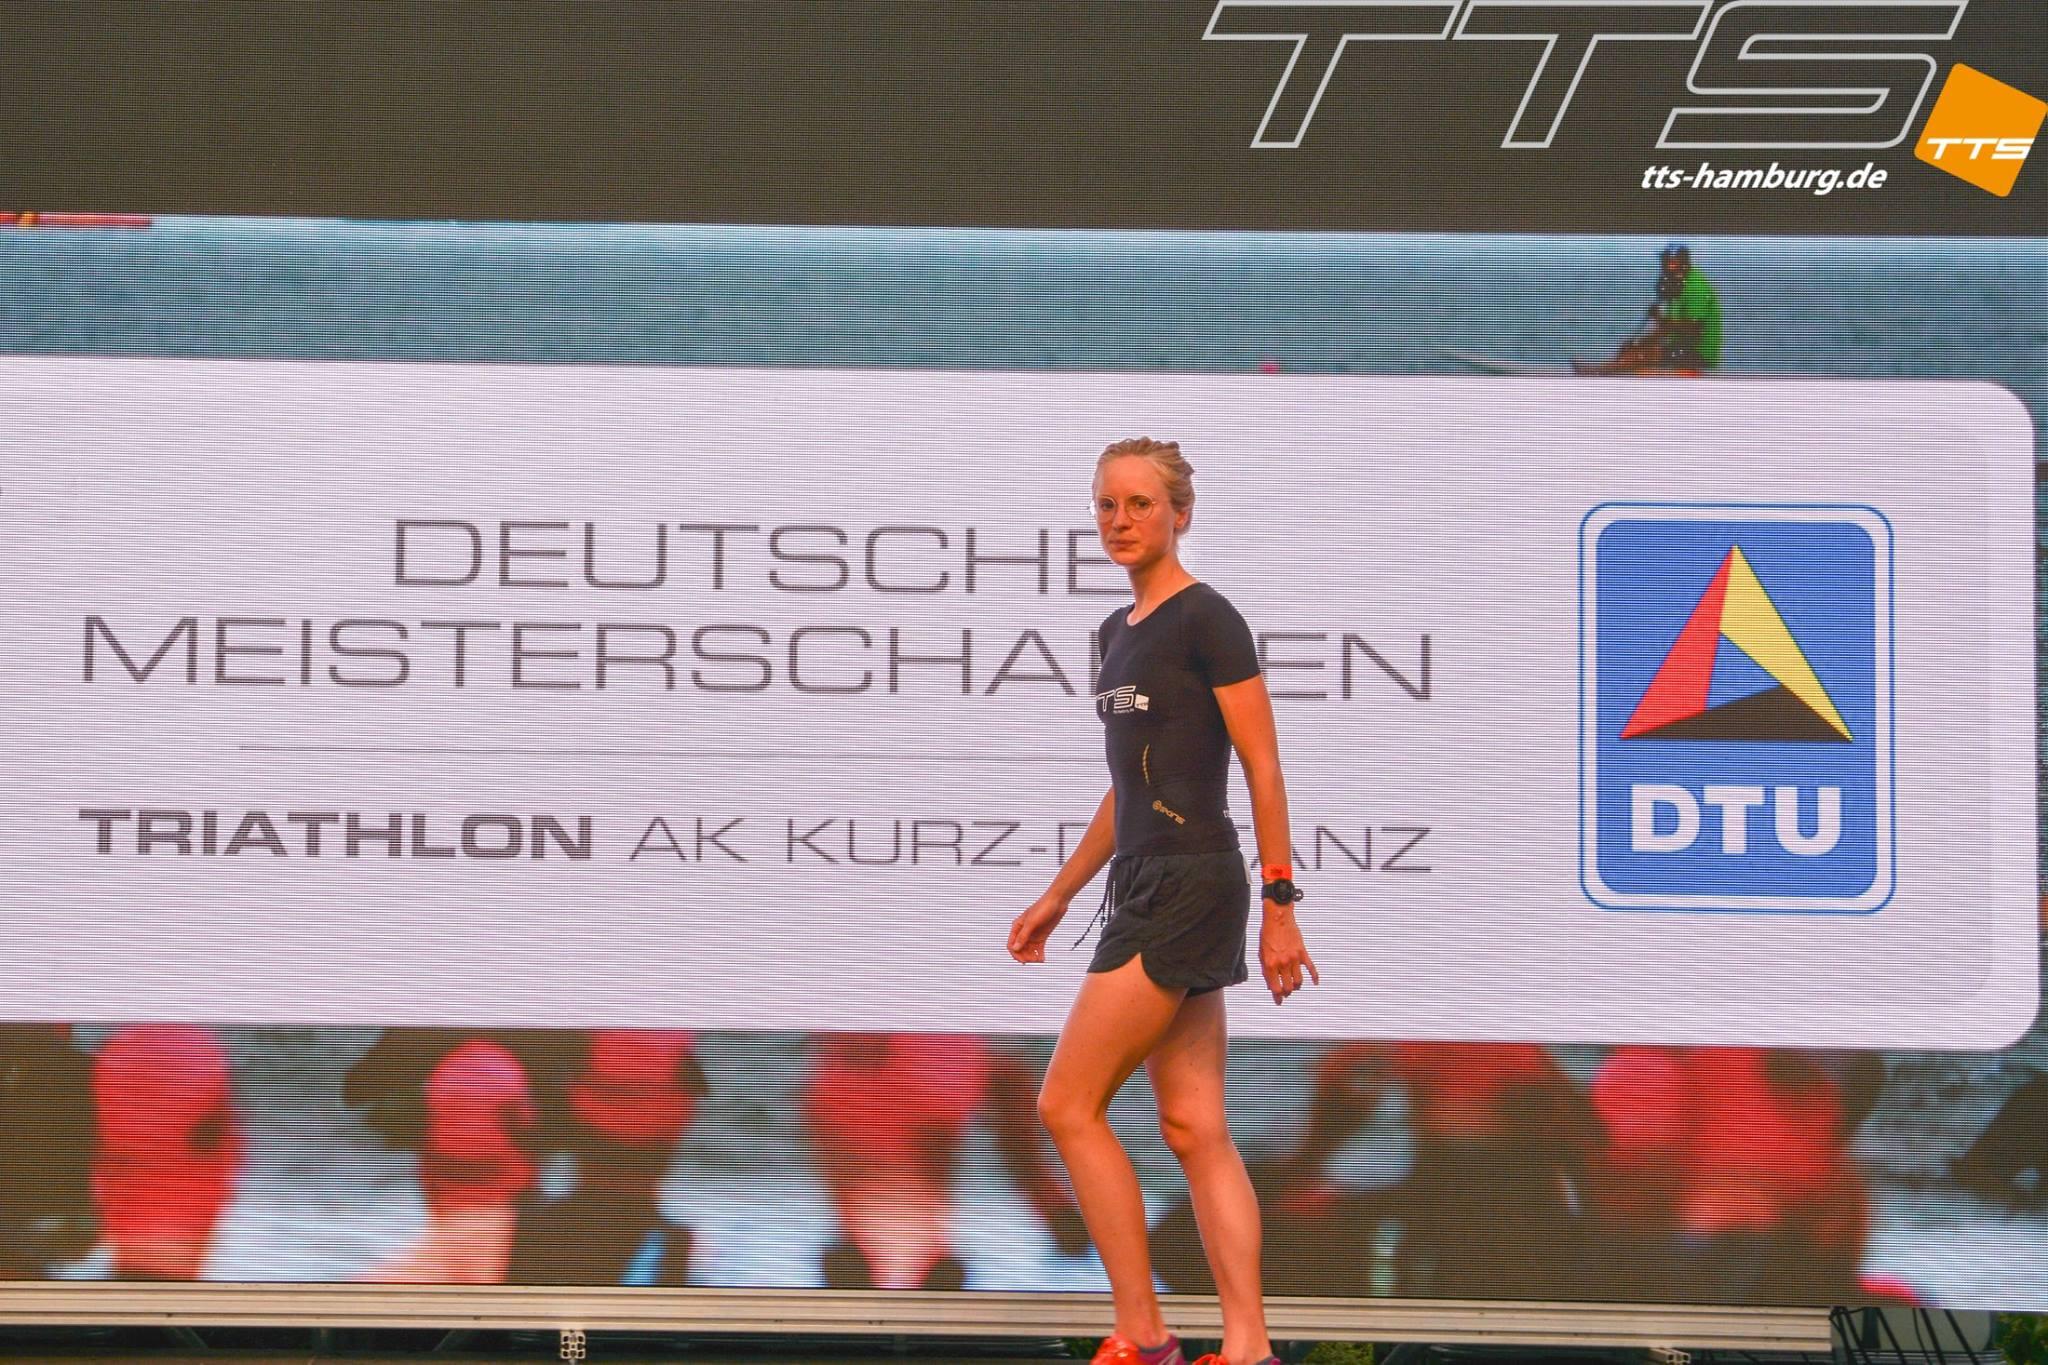 Leonie Ist Erneut Deutsche Meisterin über Die Kurzdistanz!